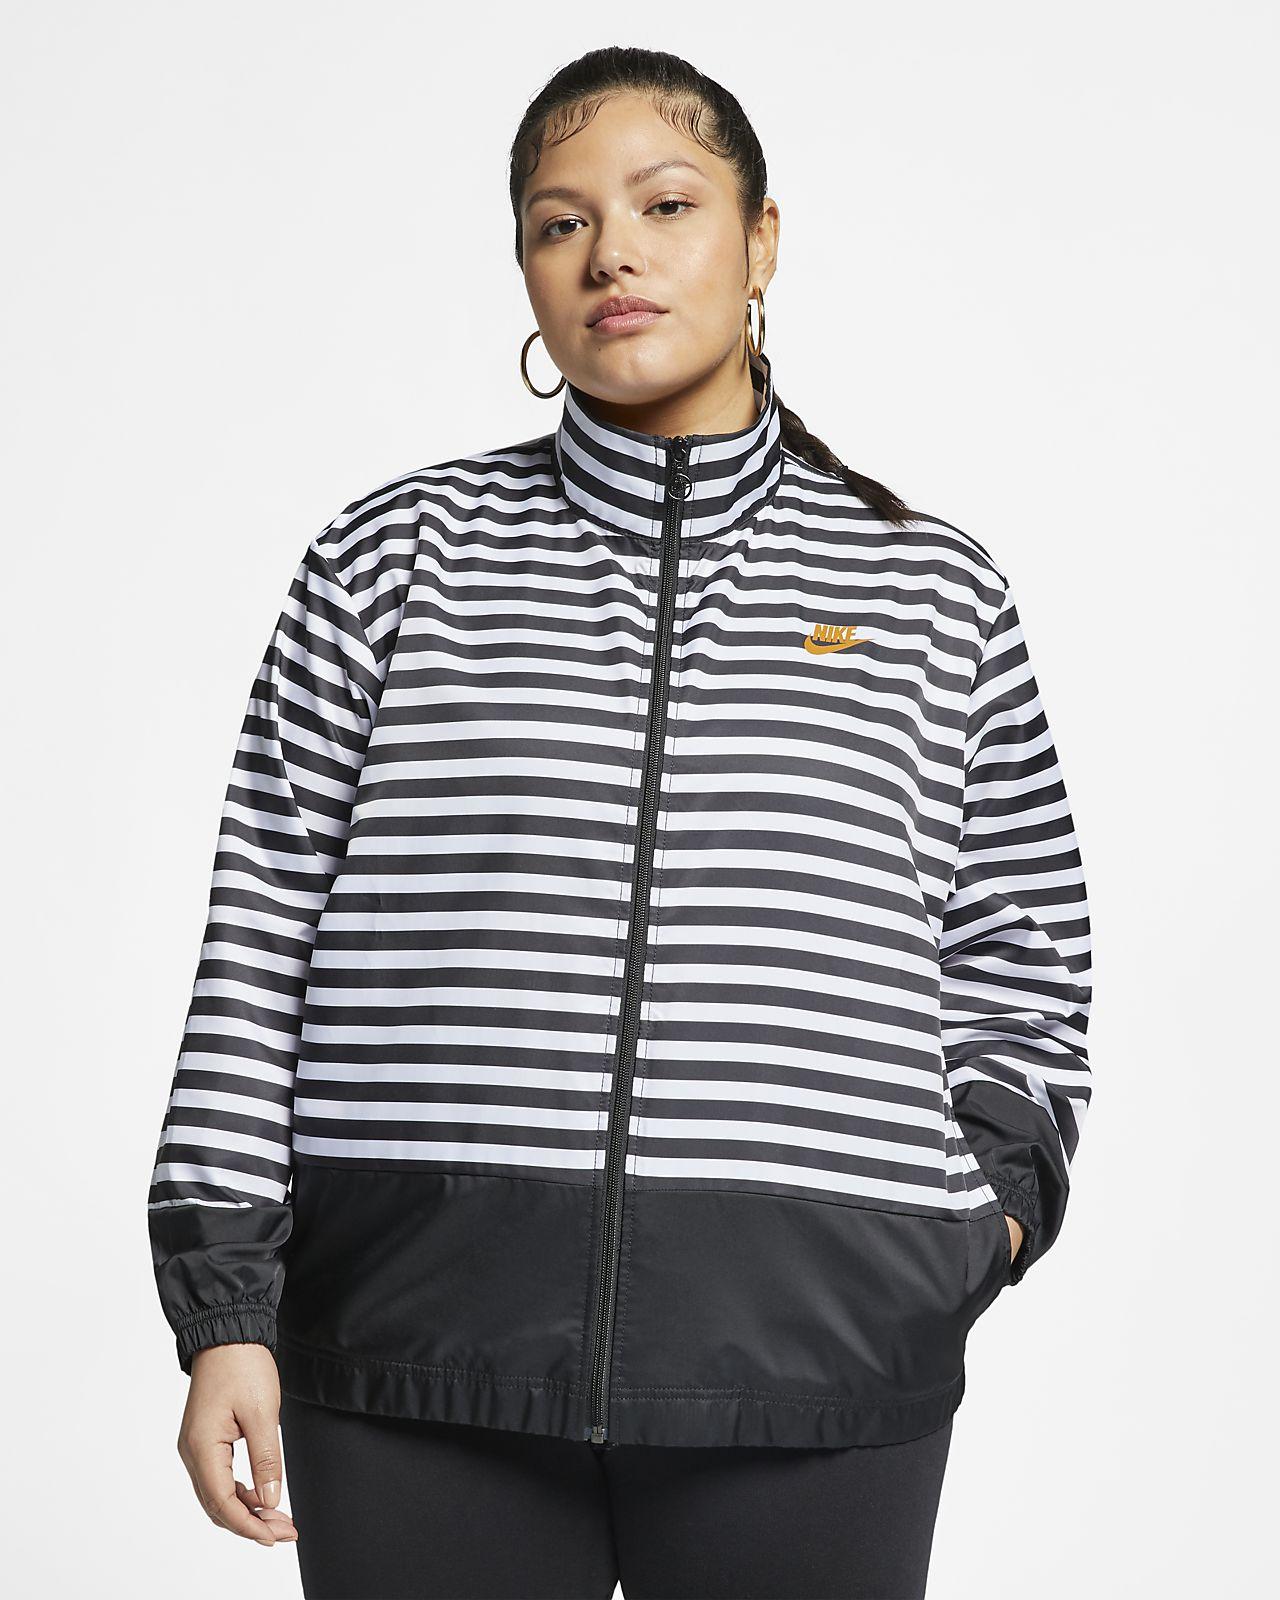 Nike Sportswear Dokuma Kadın Ceketi (Büyük Beden)